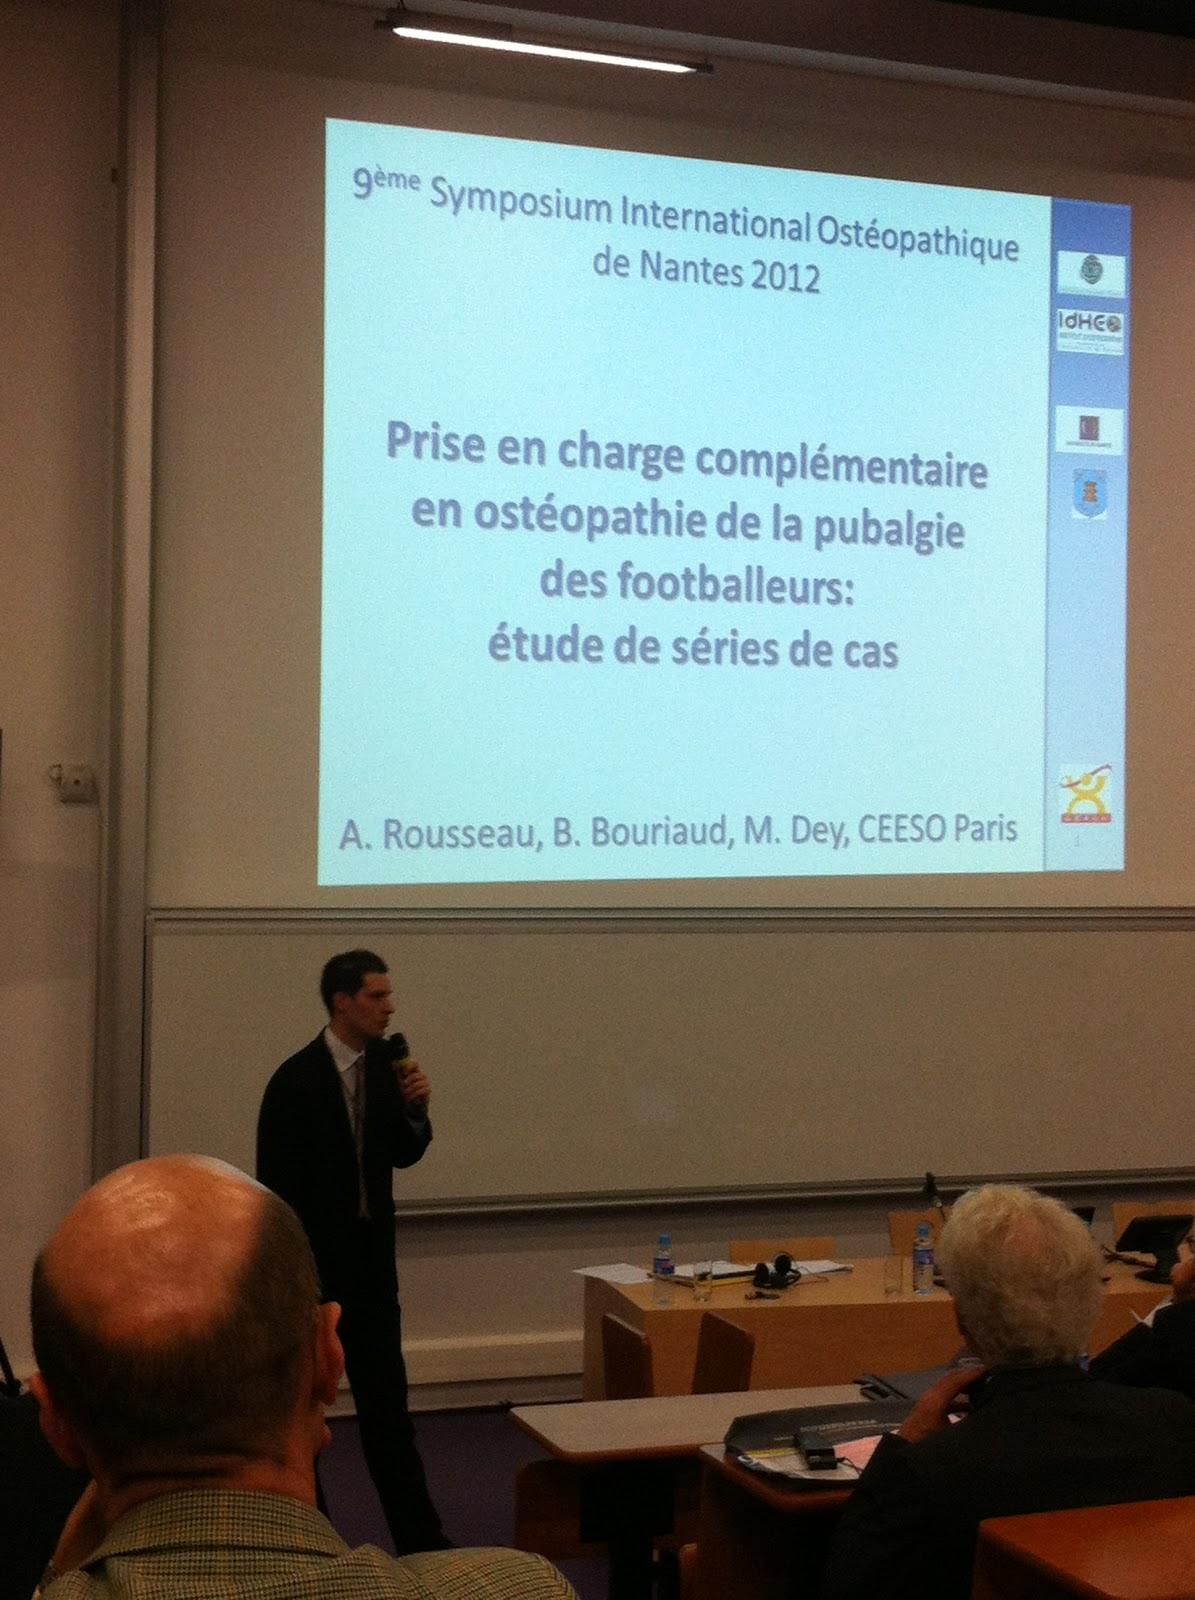 Présentation de mon étude en ostéopathie sur la pubalgie du footballeur au 9° Symposium International Ostéopathique de Nantes